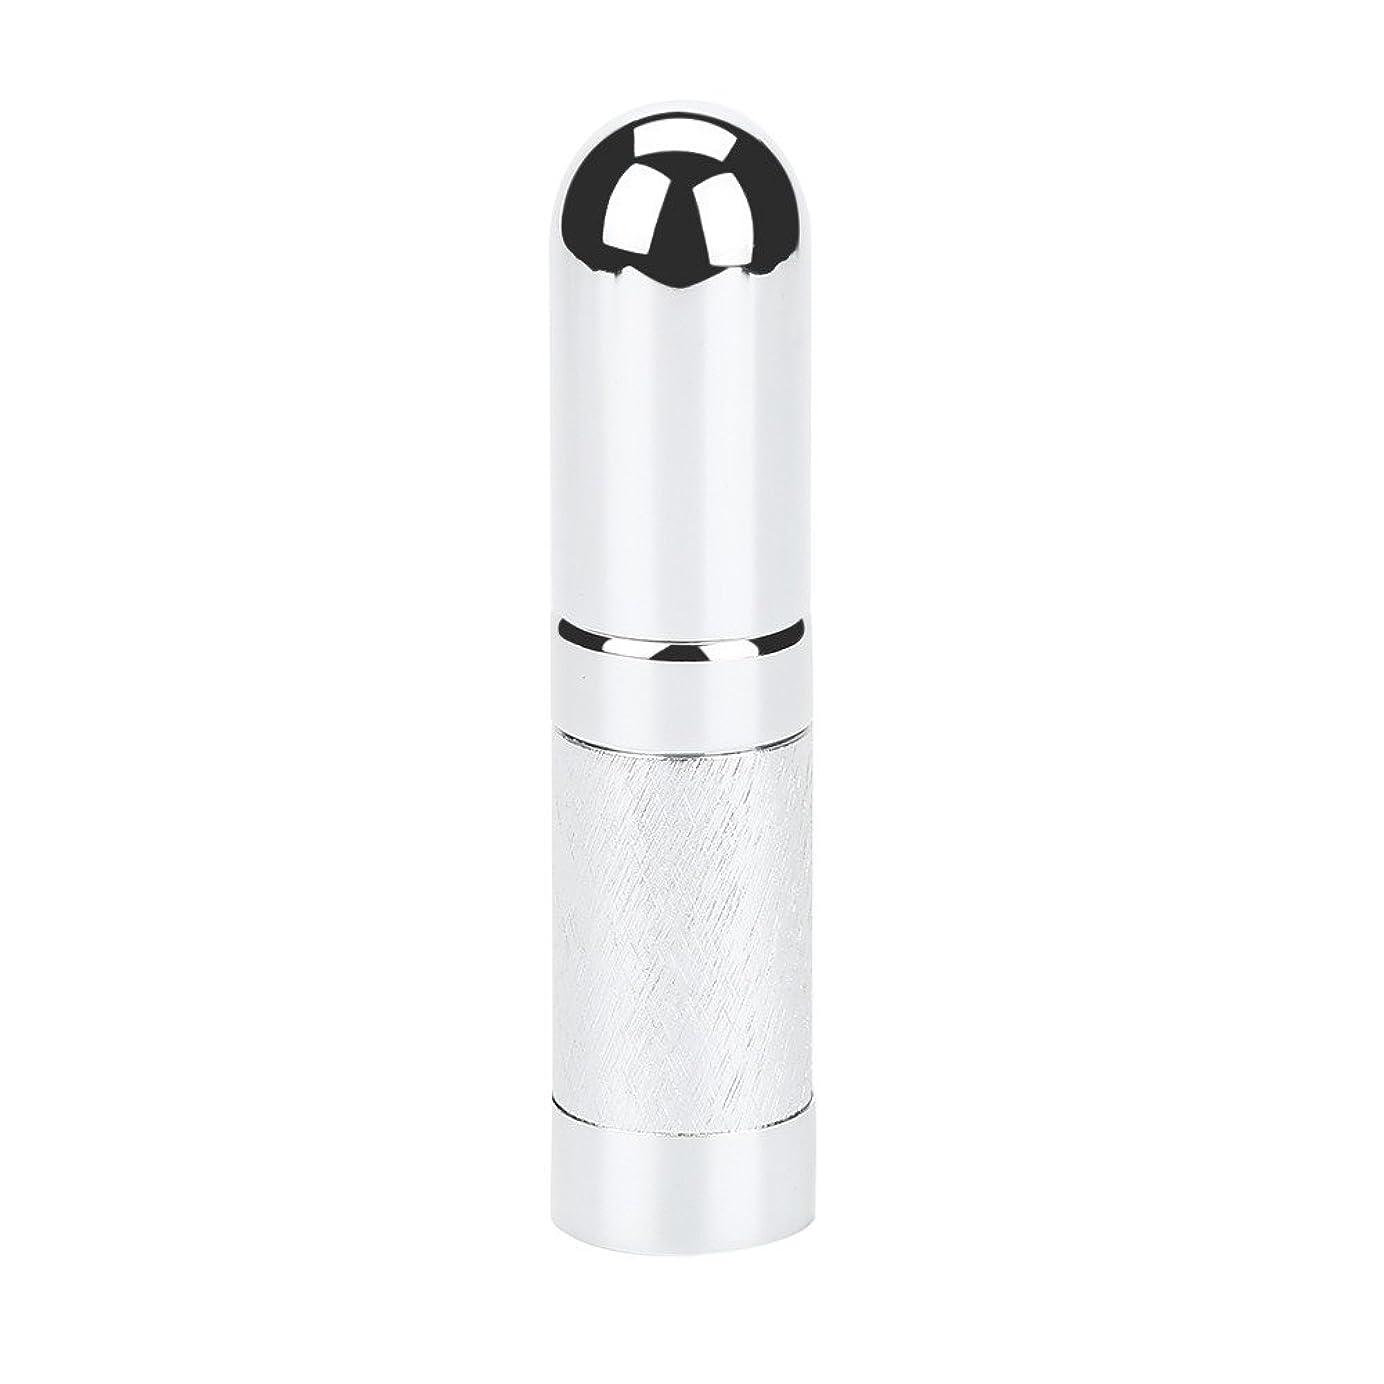 賢明な愛情深い法的スプレーボトル 遮光 YOKINO アトマイザ- 詰め替え ポータブル クイック 香水噴霧器 携帯用 詰め替え容器 香水用 ワンタッチ補充 香水スプレー パフューム  プシュ式 6ml (シルバー)